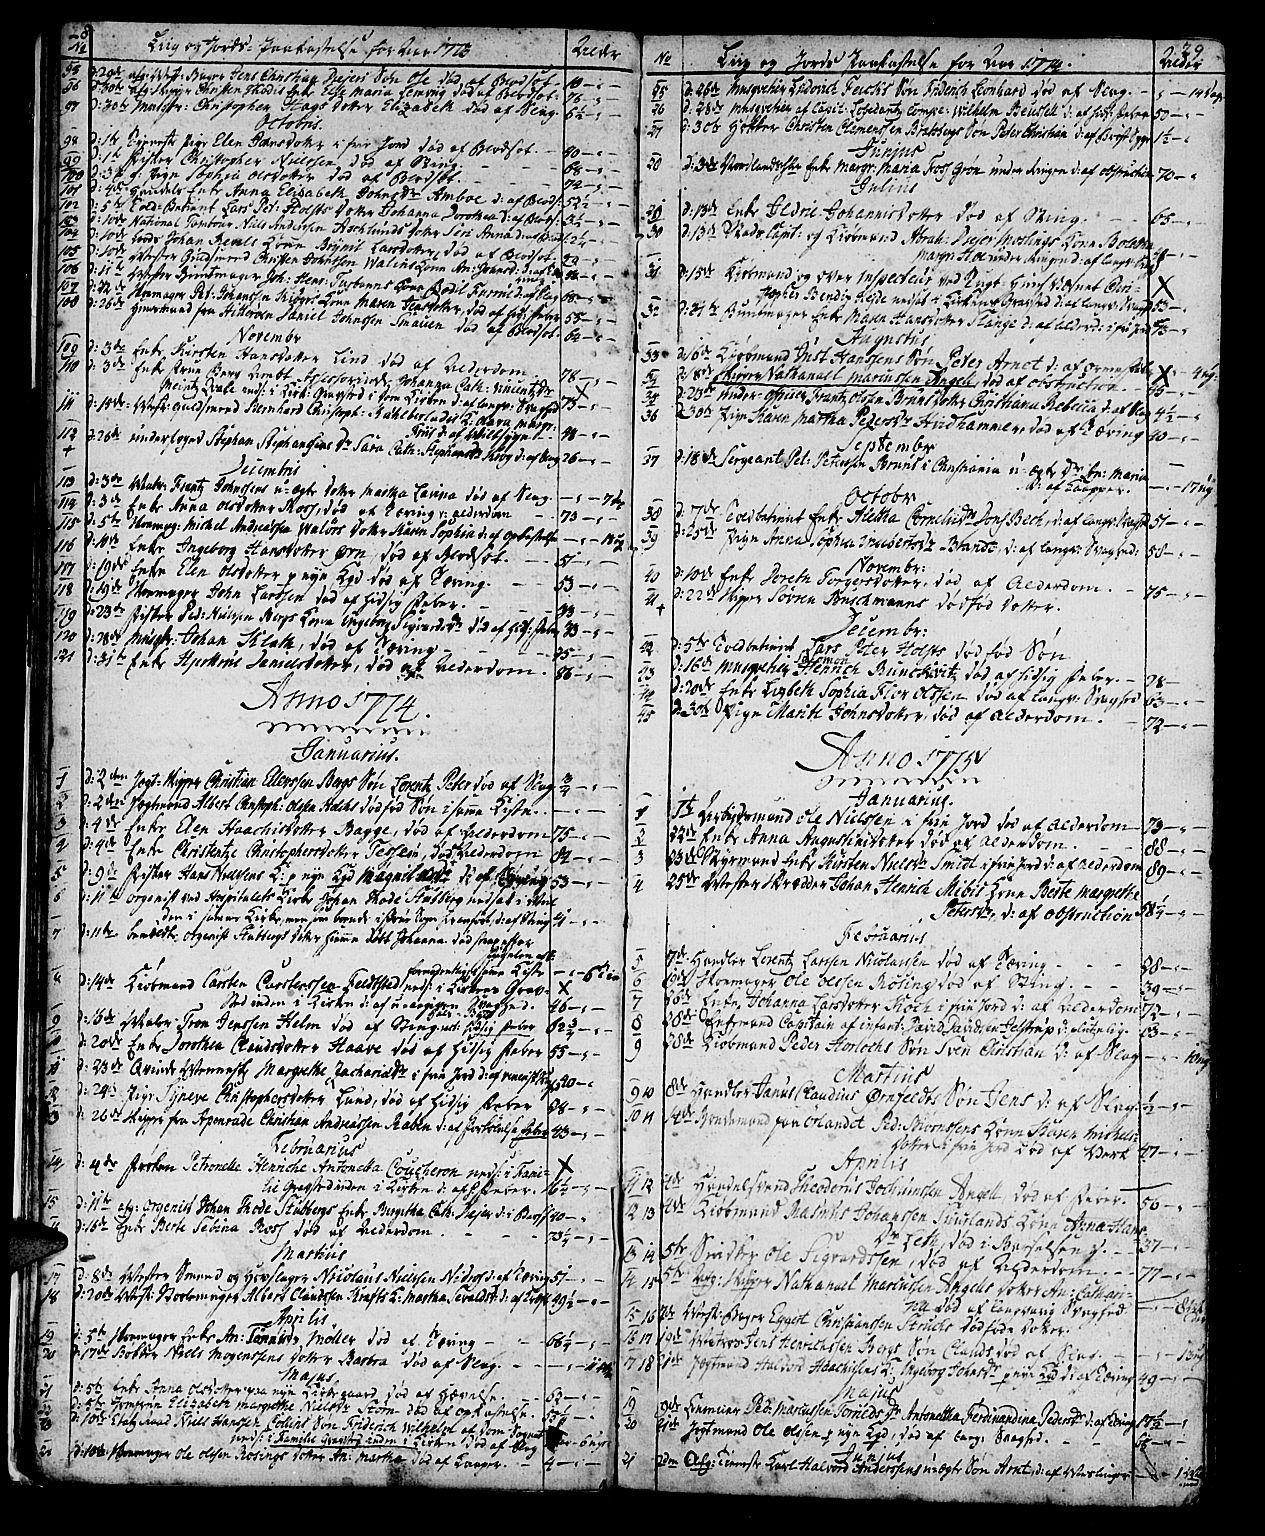 SAT, Ministerialprotokoller, klokkerbøker og fødselsregistre - Sør-Trøndelag, 602/L0134: Klokkerbok nr. 602C02, 1759-1812, s. 28-29